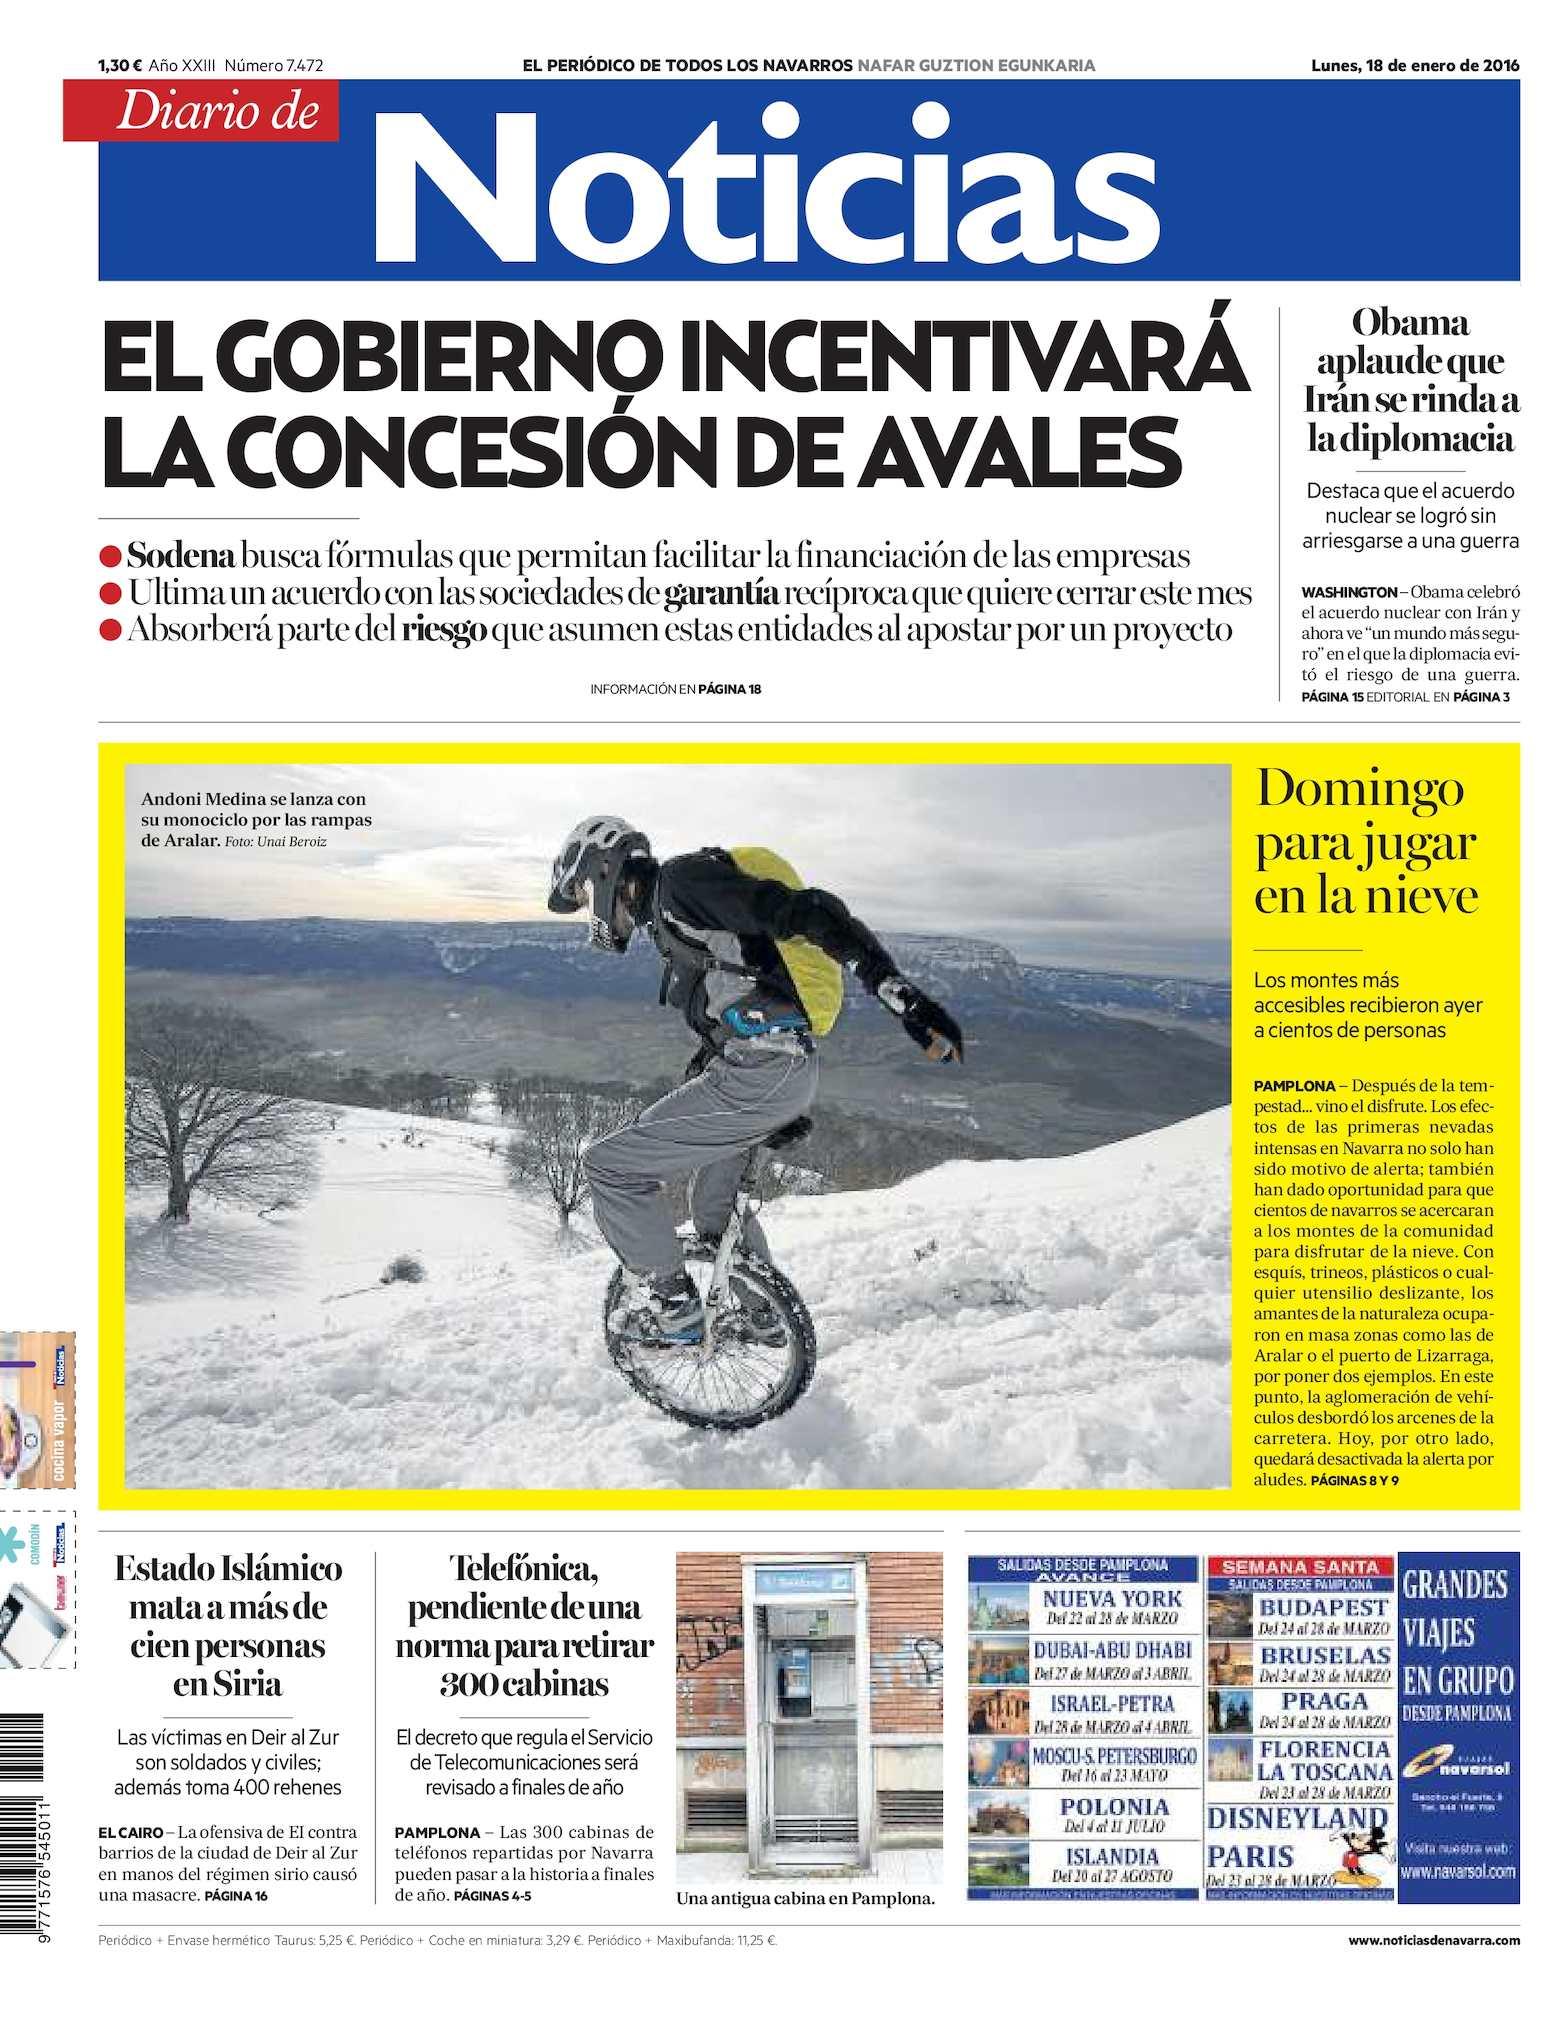 Calaméo - Diario de Noticias 20160118